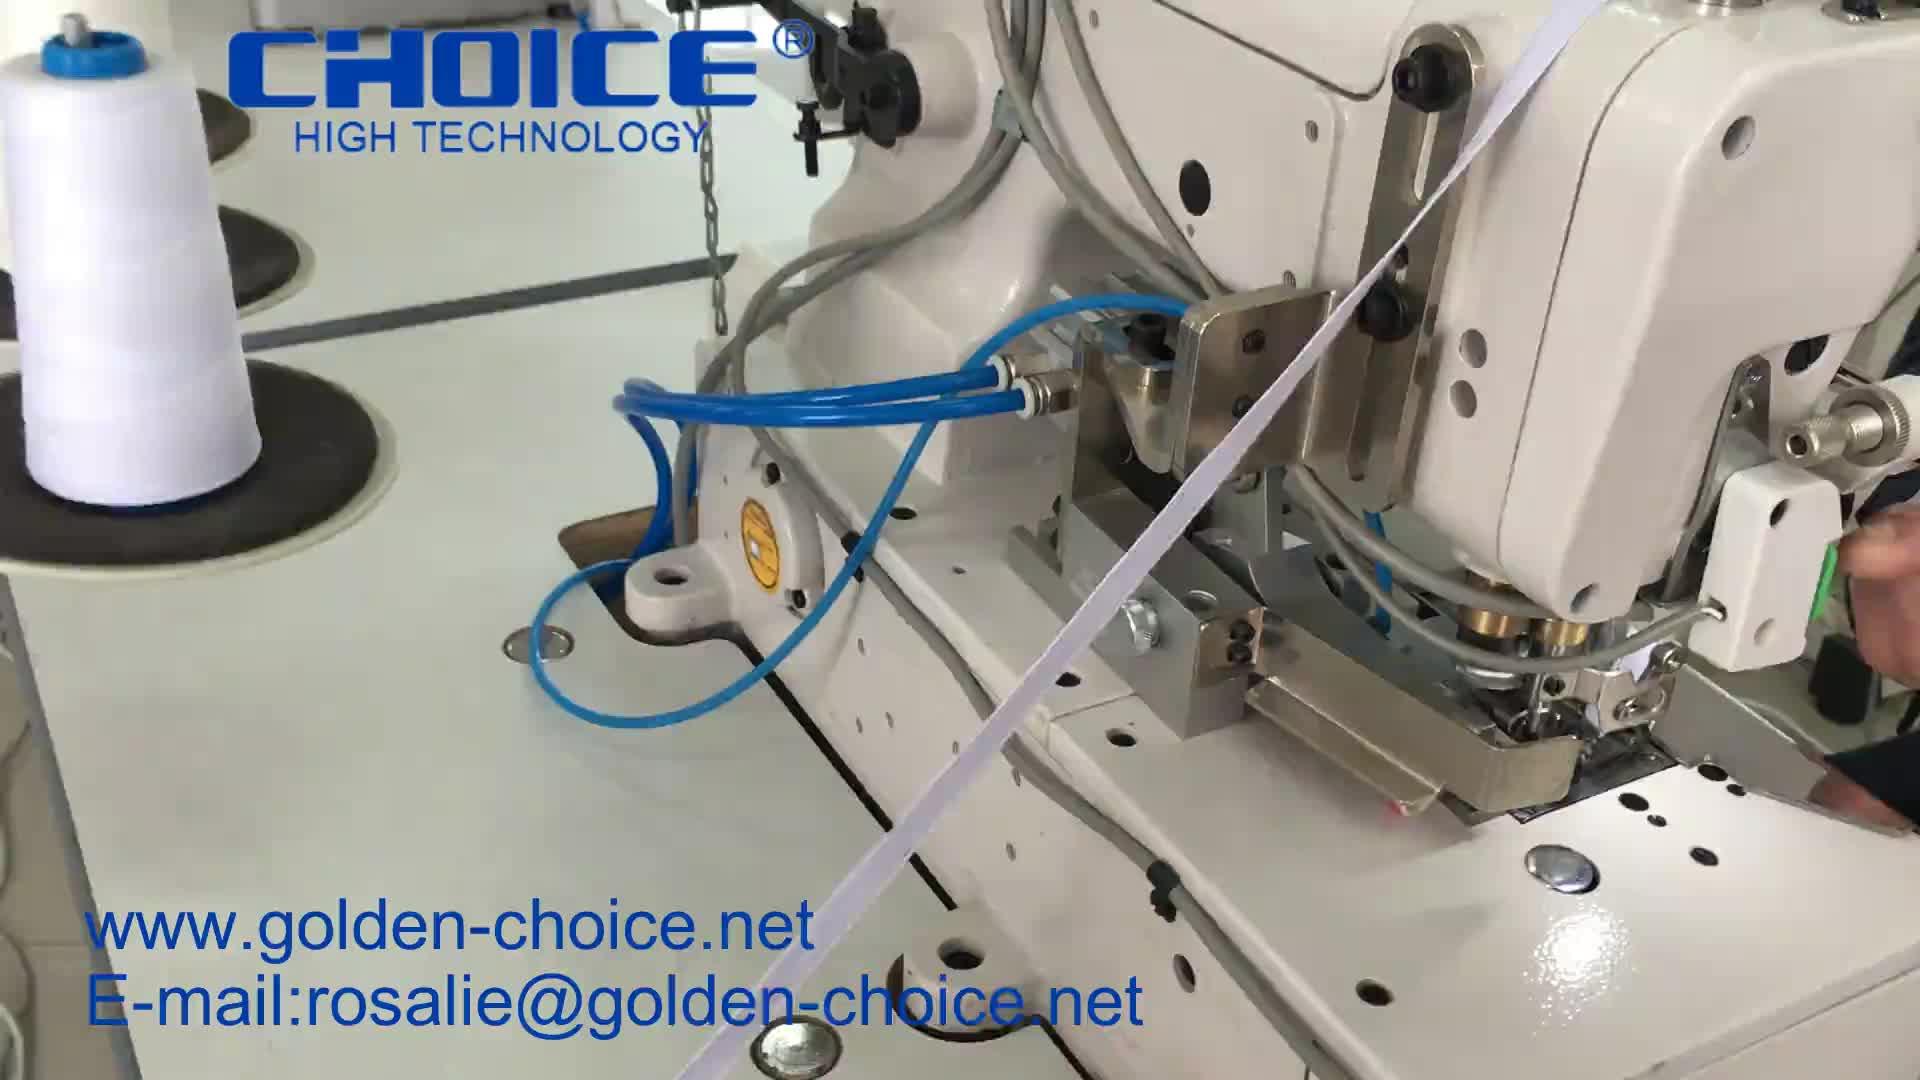 GC500-05CB/डीडी डायरेक्ट ड्राइव फ्लैट बिस्तर के लिए लोचदार या फीता संलग्न flatlock गूंथ औद्योगिक सिलाई मशीन